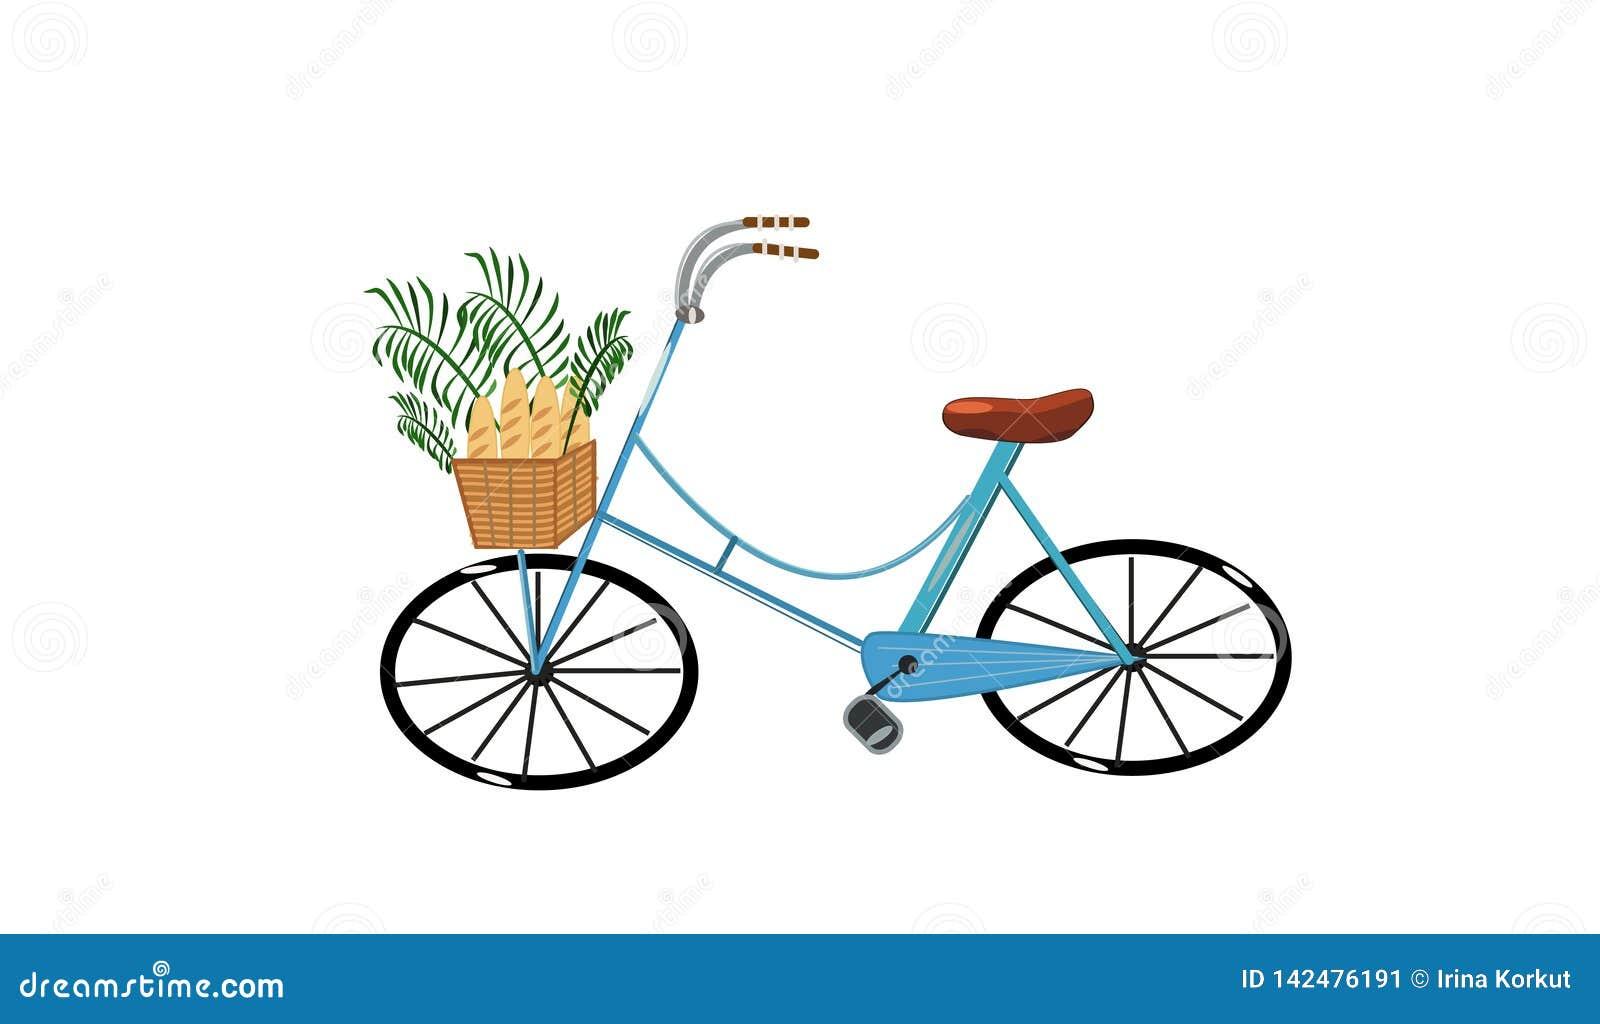 Χαριτωμένο μπλε ποδήλατο με το σύνολο καλαθιών των ψωμιών και των εγκαταστάσεων